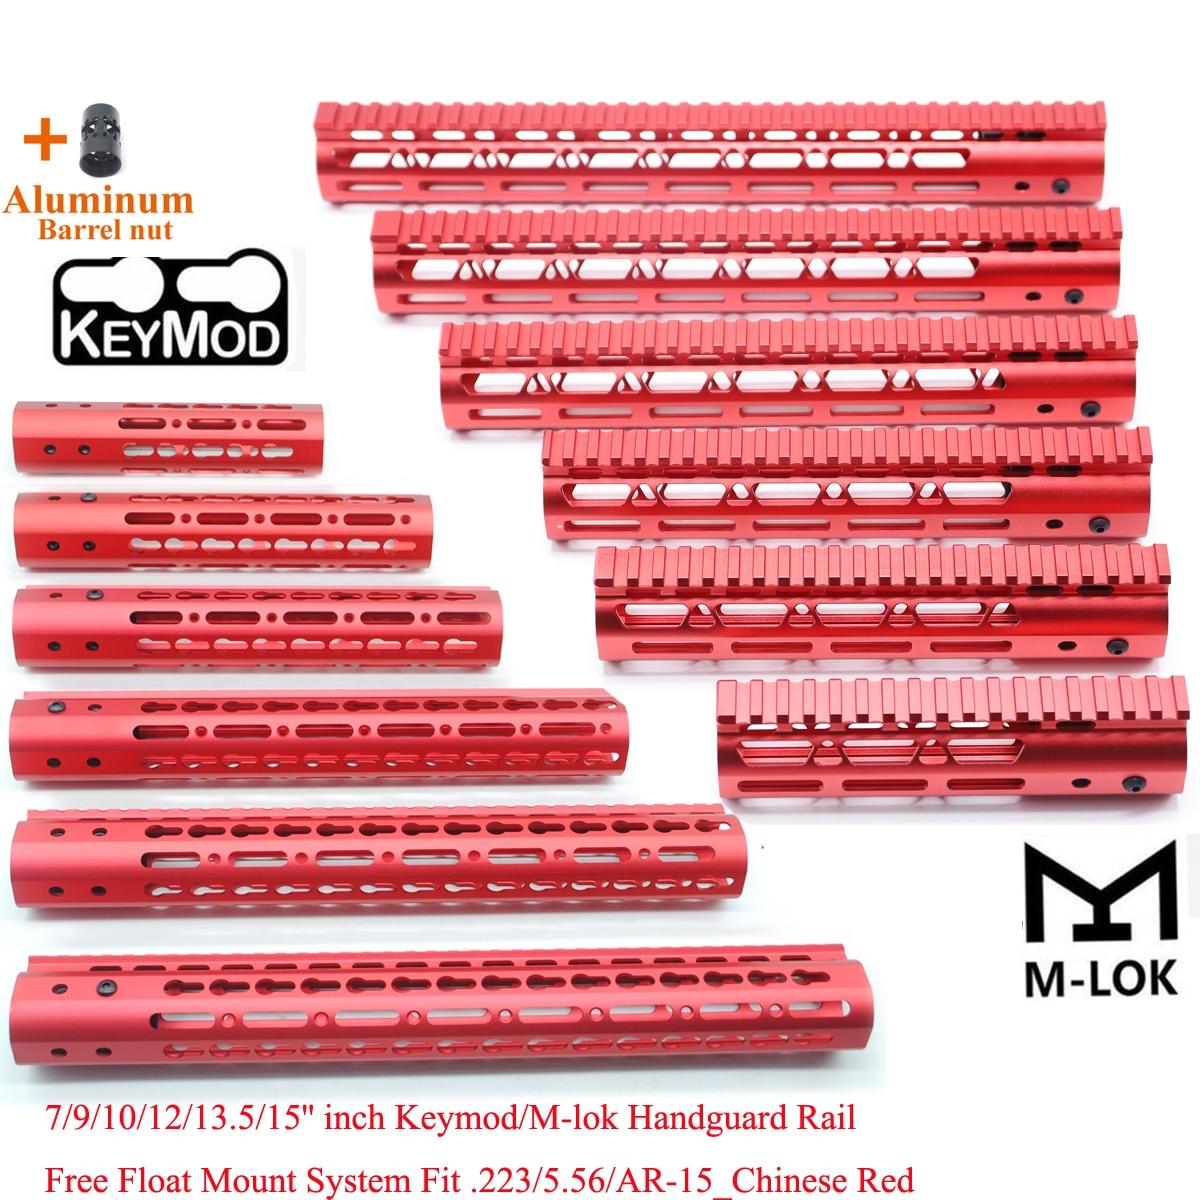 TriRock Red 7/9/10/12/13.5/15 pouces ultra-léger Keymod/m-lok Handguard Rail Fit .223/5.56/AR-15 série avec écrou de baril en aluminium